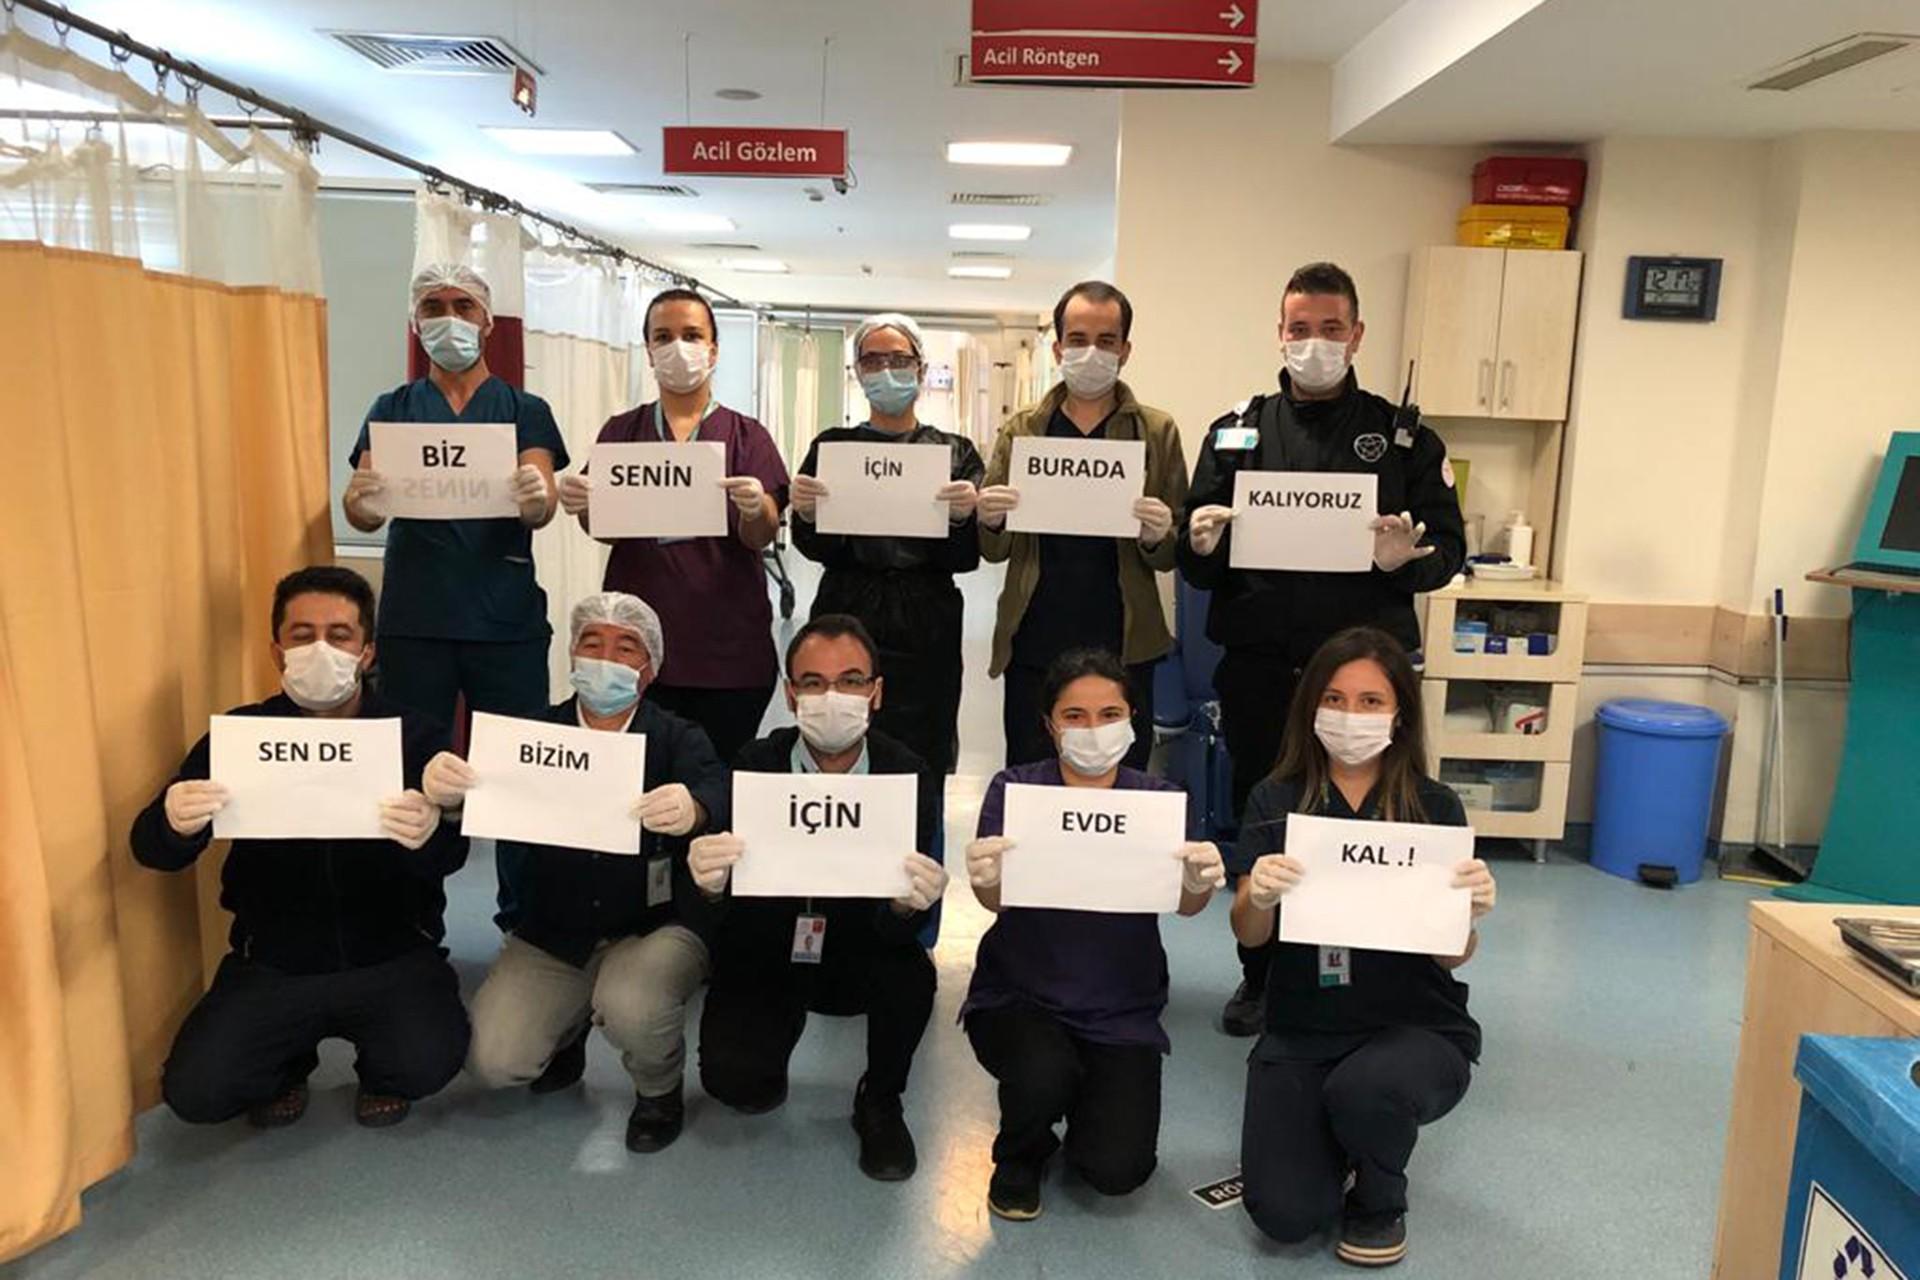 Eyüpsultan Devlet Hastanesi çalışanlarından evde kal çağrısı